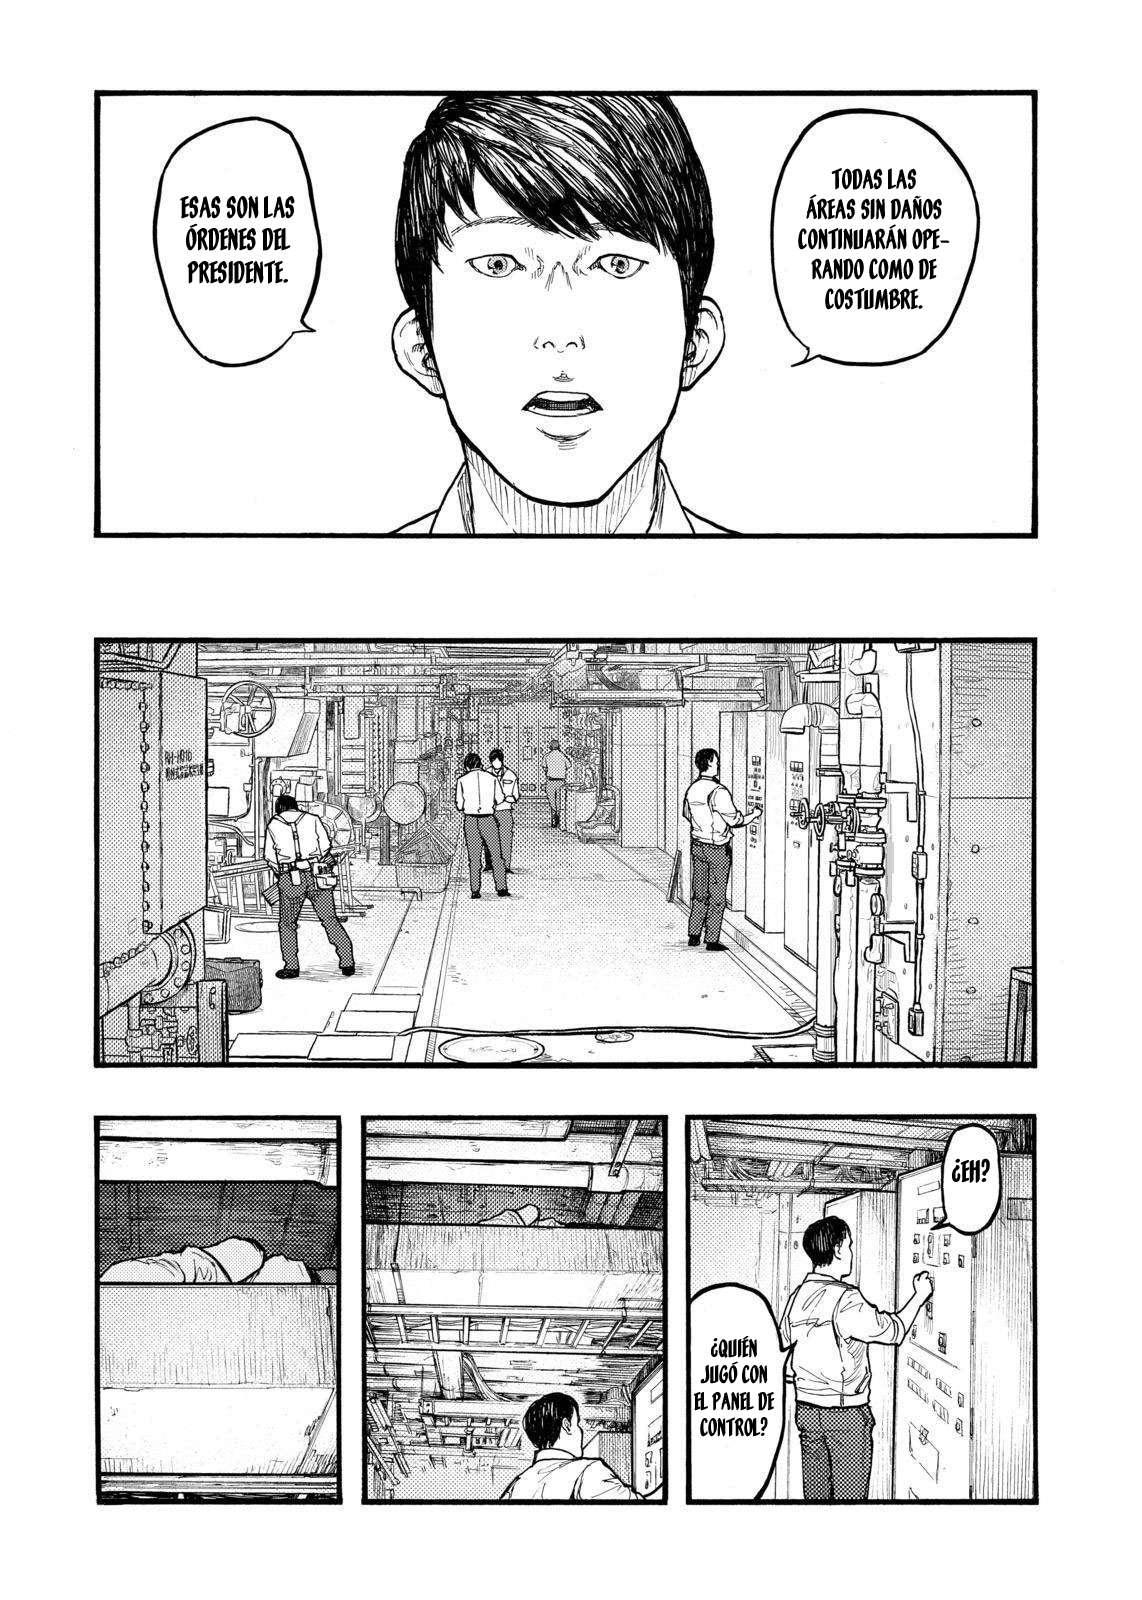 https://c5.ninemanga.com/es_manga/33/14177/432935/7cf91b300ff3ecef82c59dd47b89253a.jpg Page 4